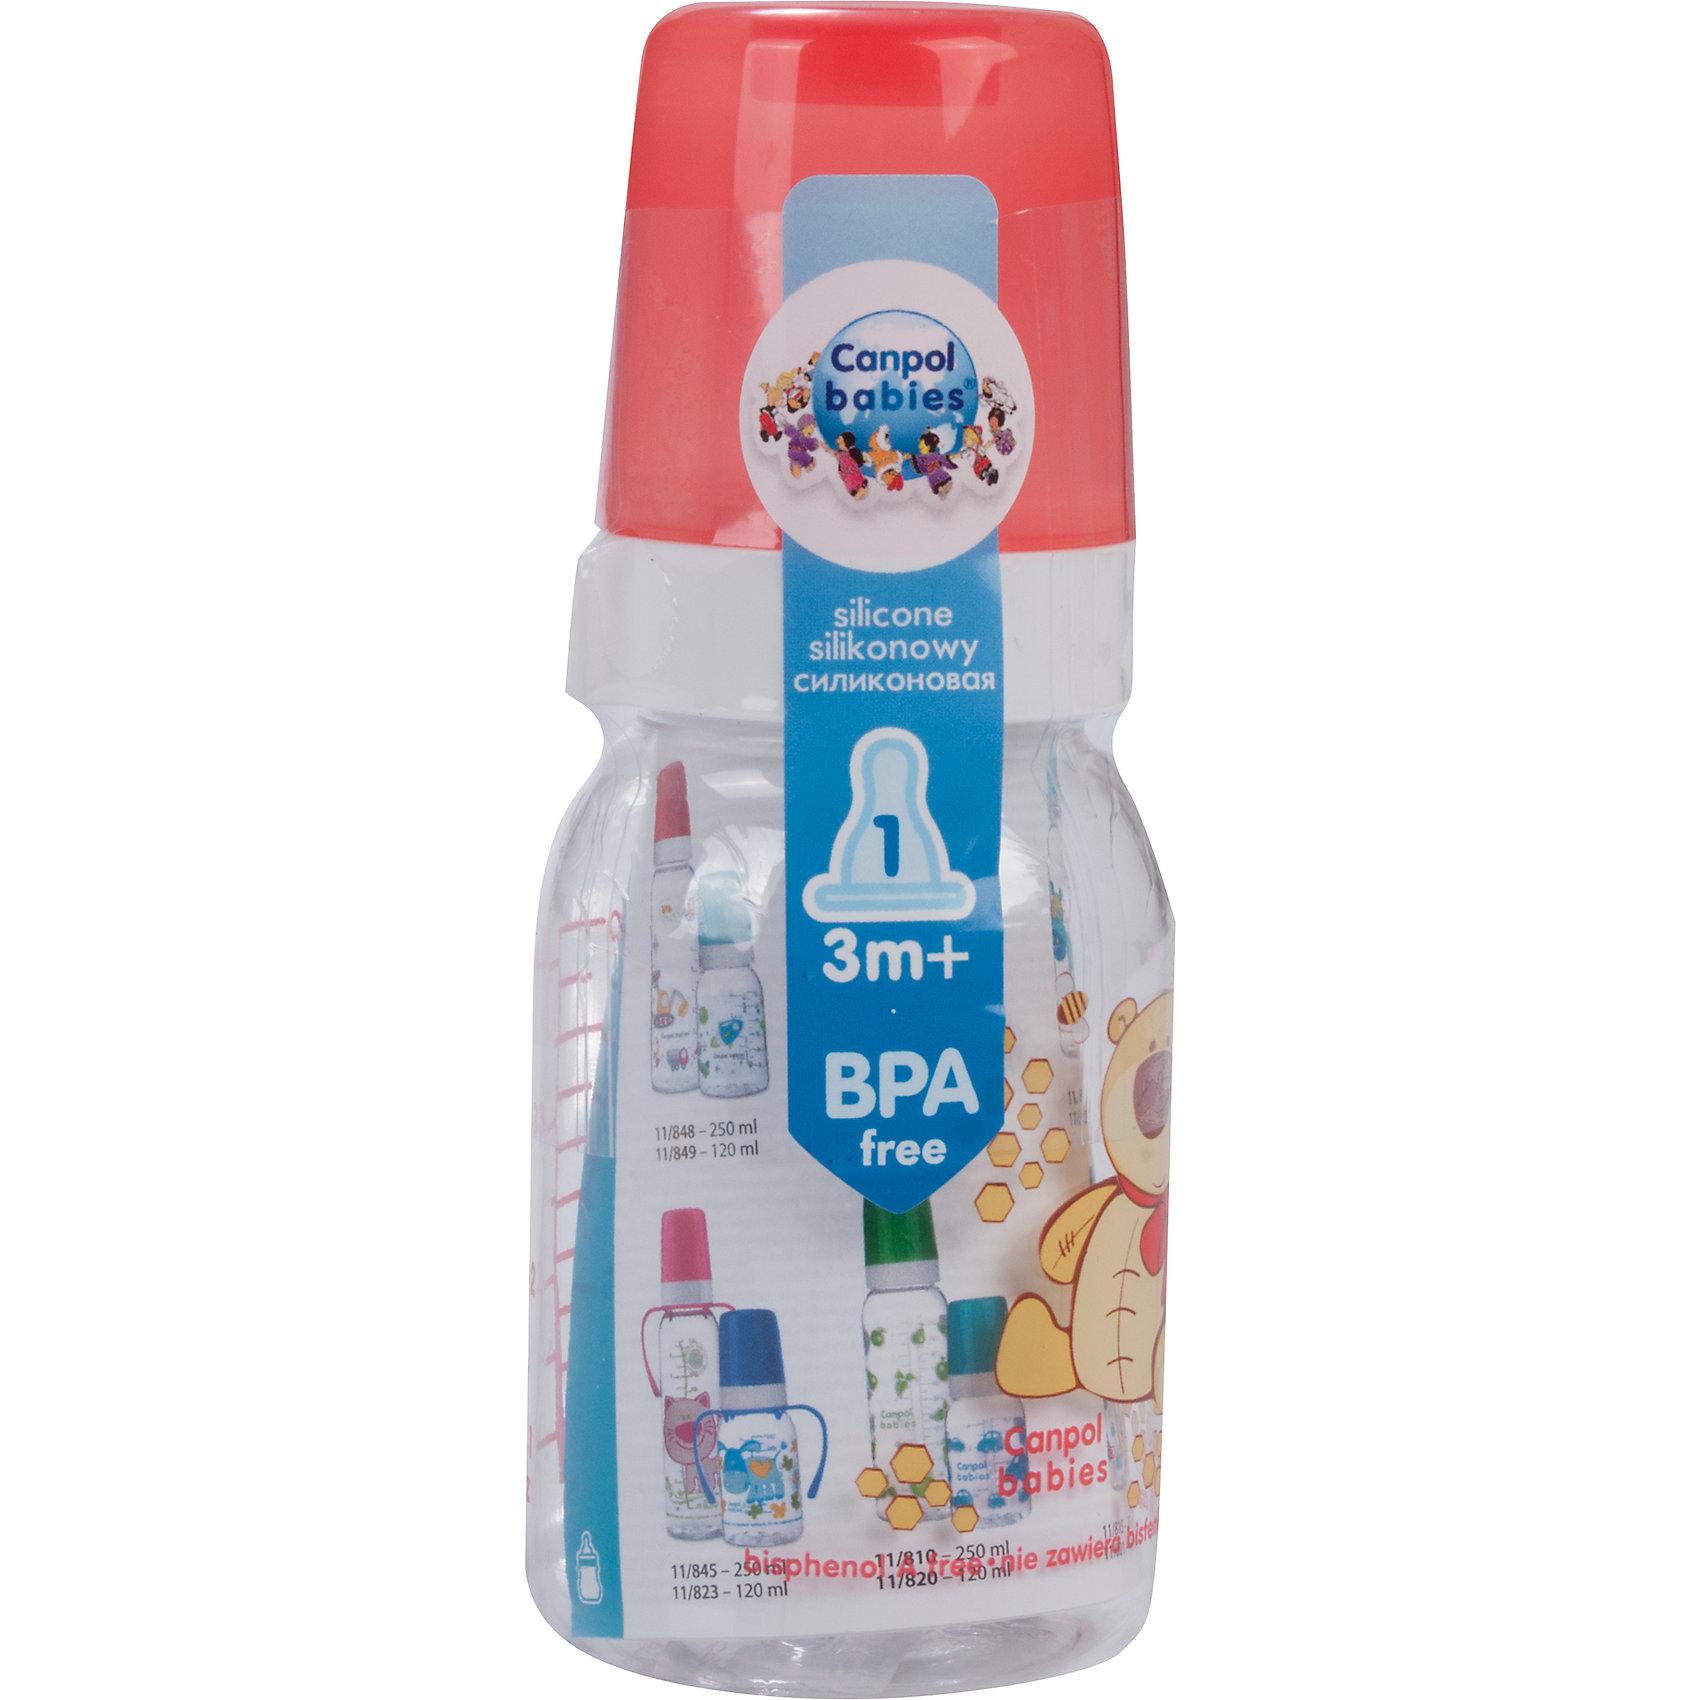 Canpol Babies Бутылочка тритановая (BPA 0%) с сил. соской, 120 мл. 3+ Cheerful animals, Canpol Babies, мишка canpol babies бутылочка тритановая bpa 0